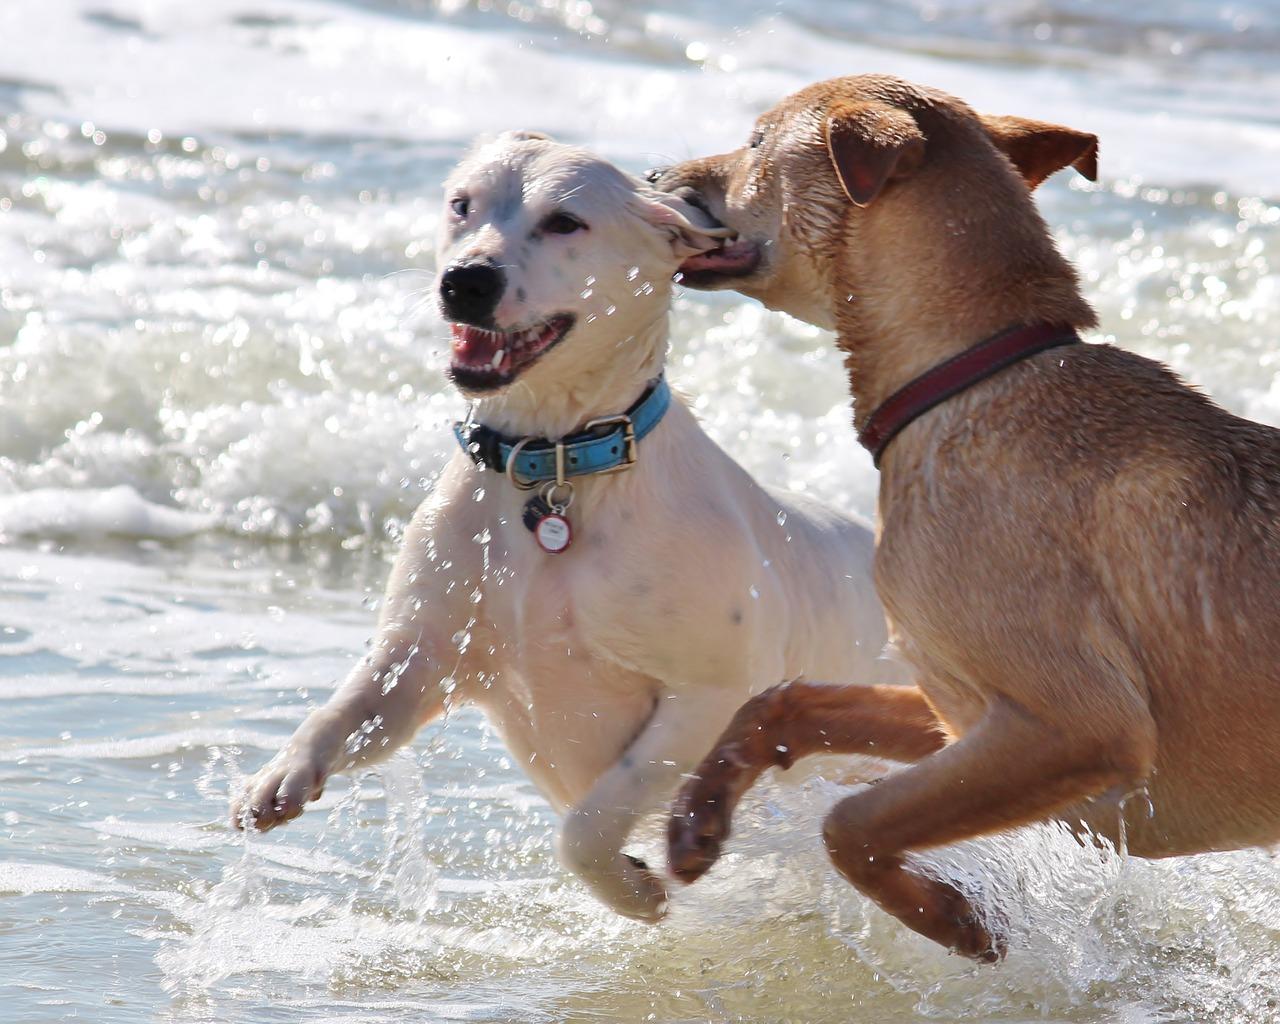 Accesorios Para Baño Que Se Pegan:Por qué los perros se quedan pegados al aparearse?